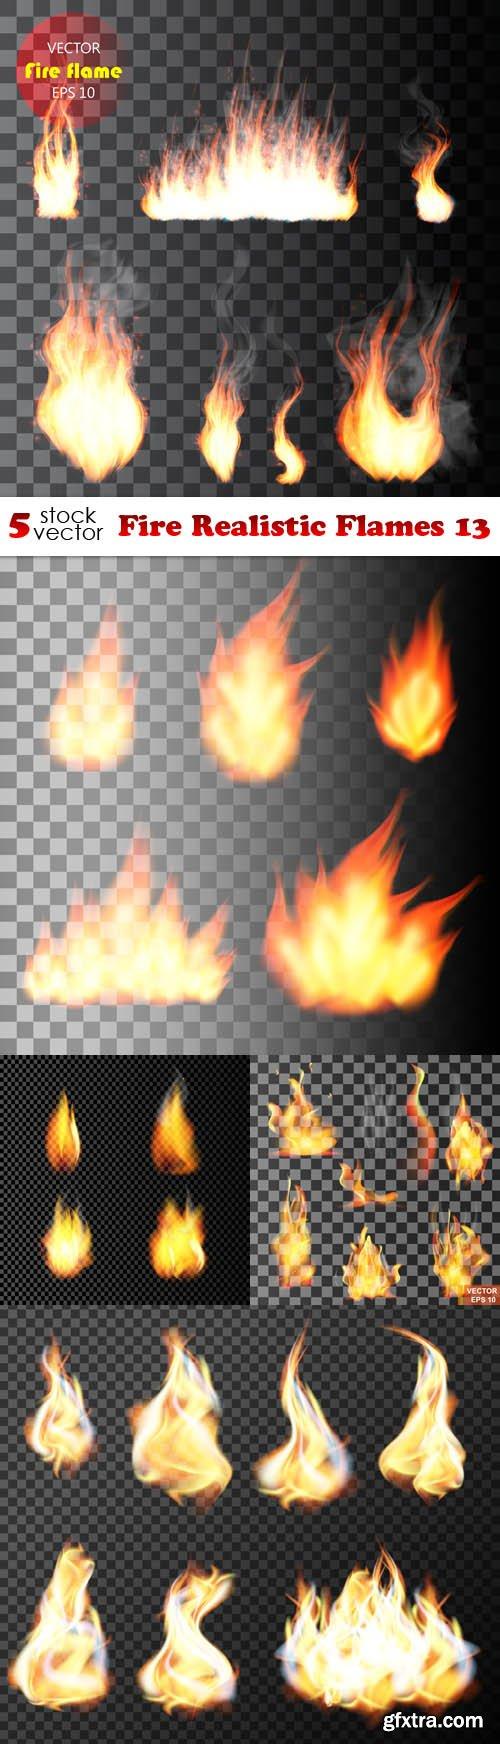 Vectors - Fire Realistic Flames 13